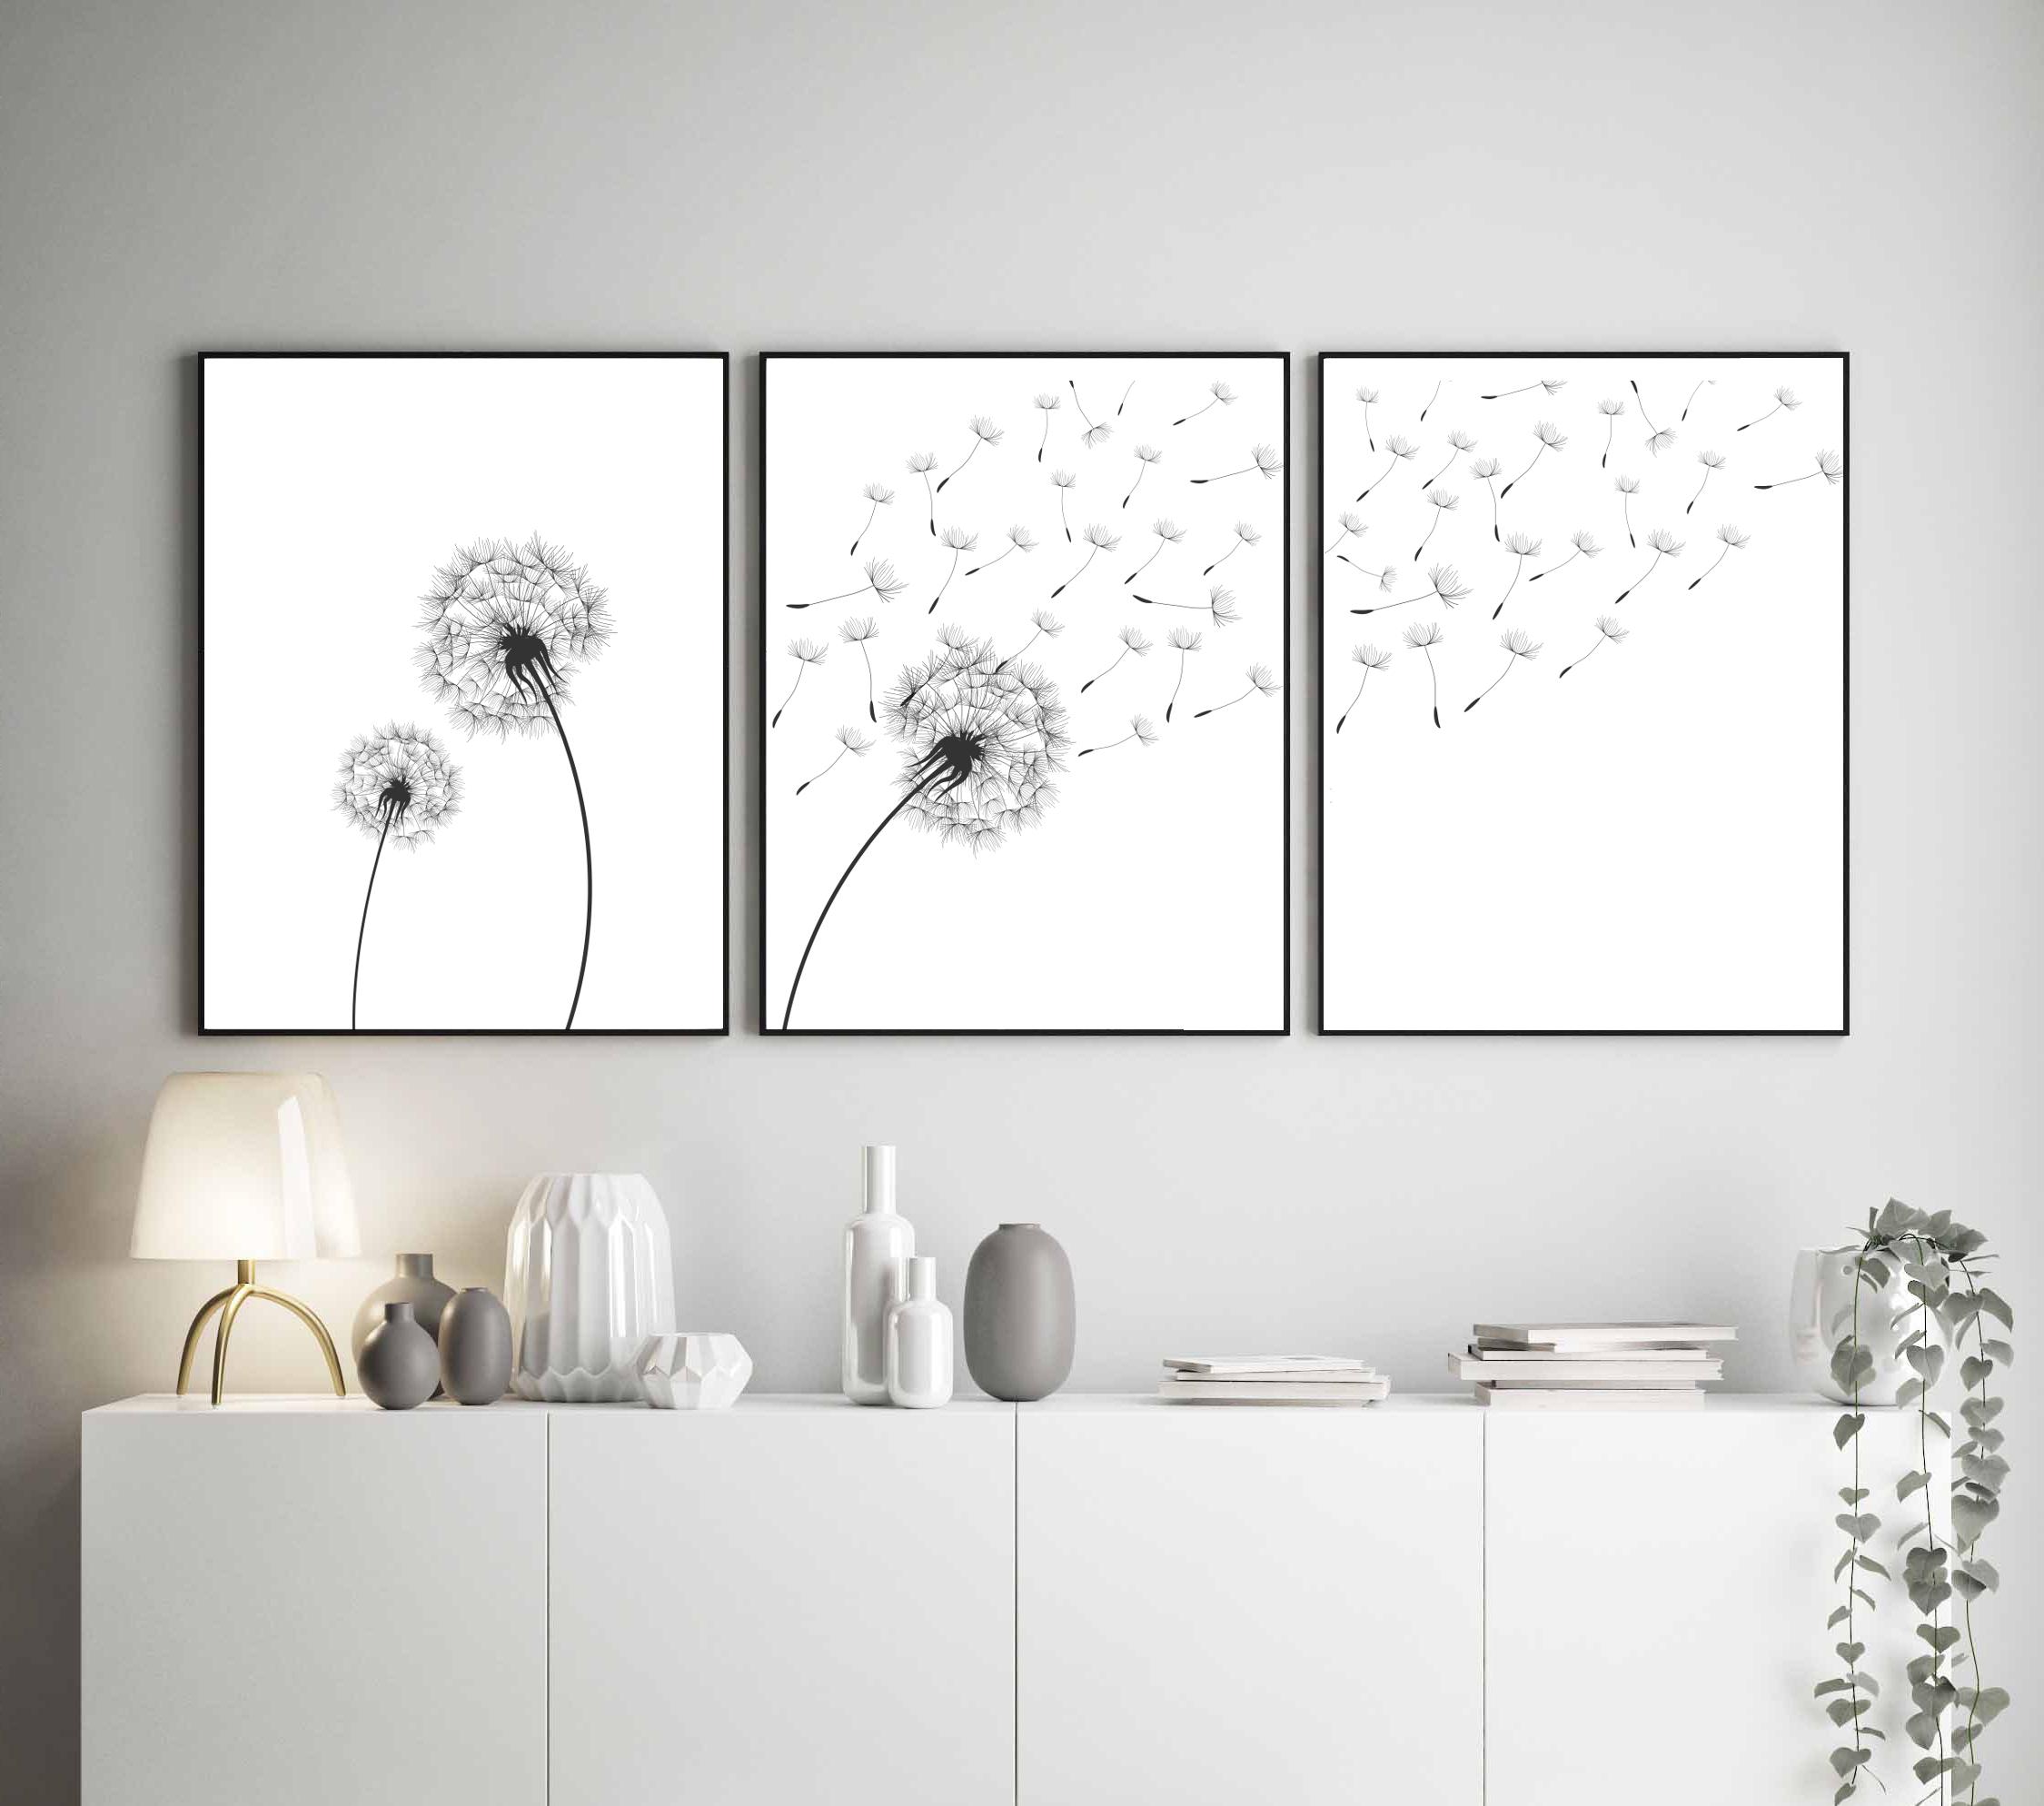 Dandelion Wall Art Dandelion Decor Black White Bedroom: Dandelion Wall Art Print, Set Of 3, Dandelion Prints